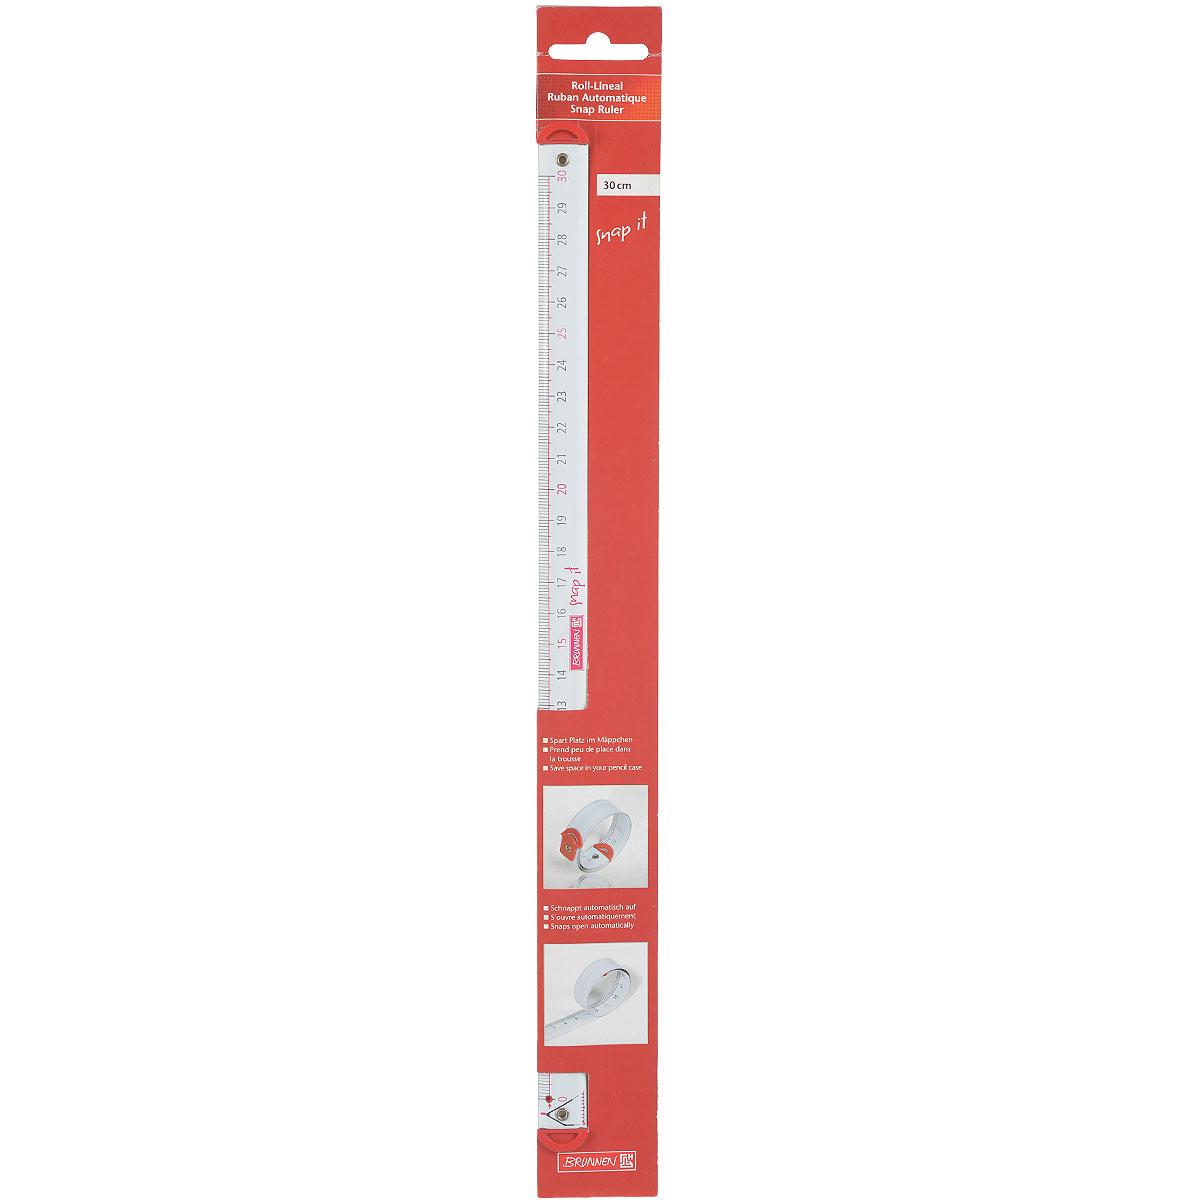 Линейка-рулетка Brunnen, 30 см49785\226523\BCDЛинейка-рулетка Brunnen длиной 30 см изготовлена из металла и предназначена для использования при проведении точных работ. Шкала и цифры выполнены в черном и розовом цвете. Линейка легко скручивается в компактную рулетку.